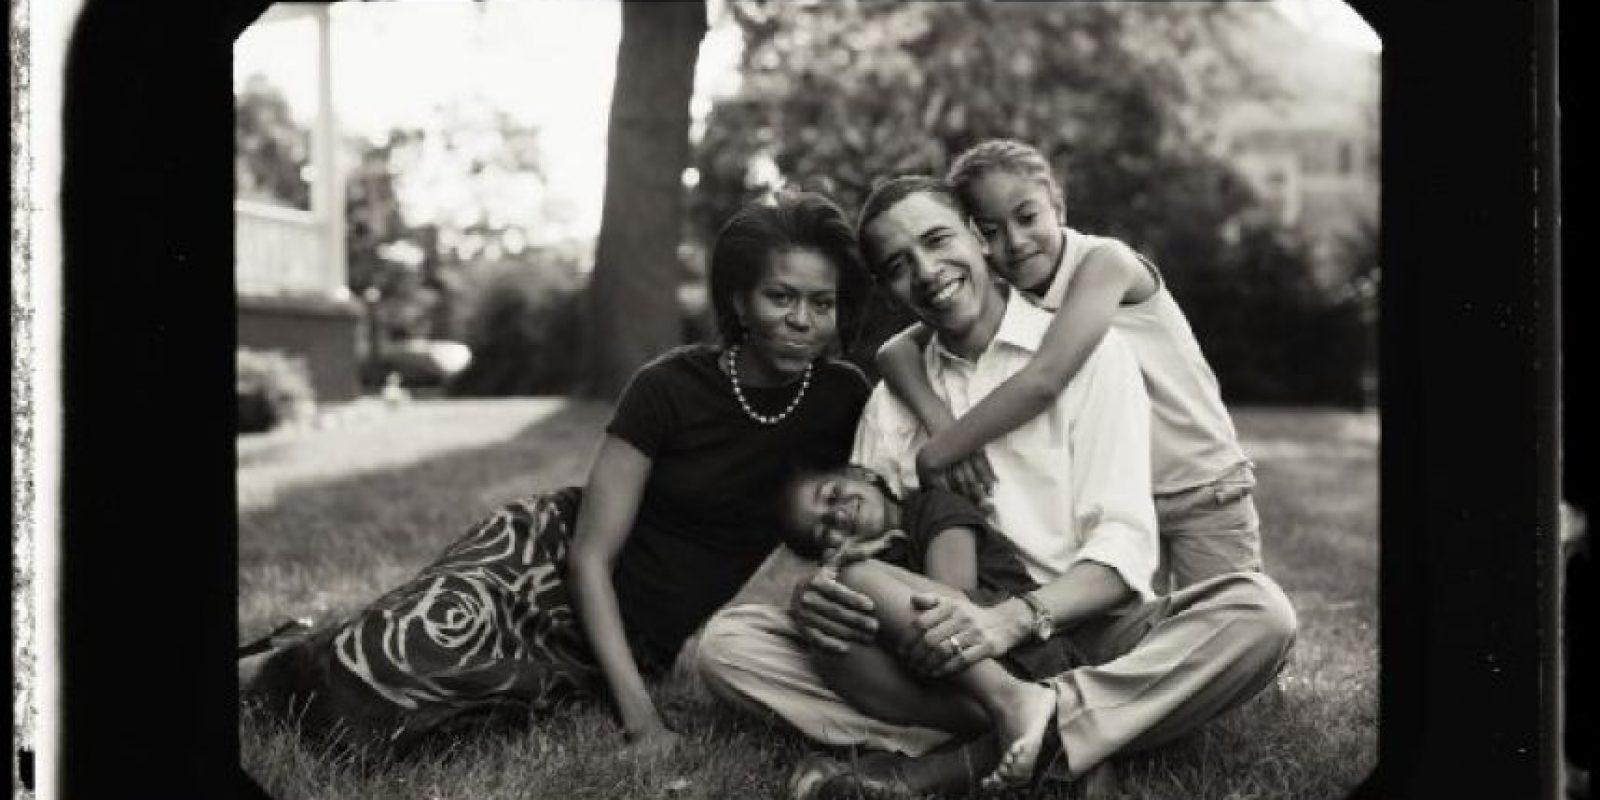 Conoció a Michelle Robinson en 1989 y se casaron en 1992 Foto:Facebook: Barack Obama. Imagen Por: